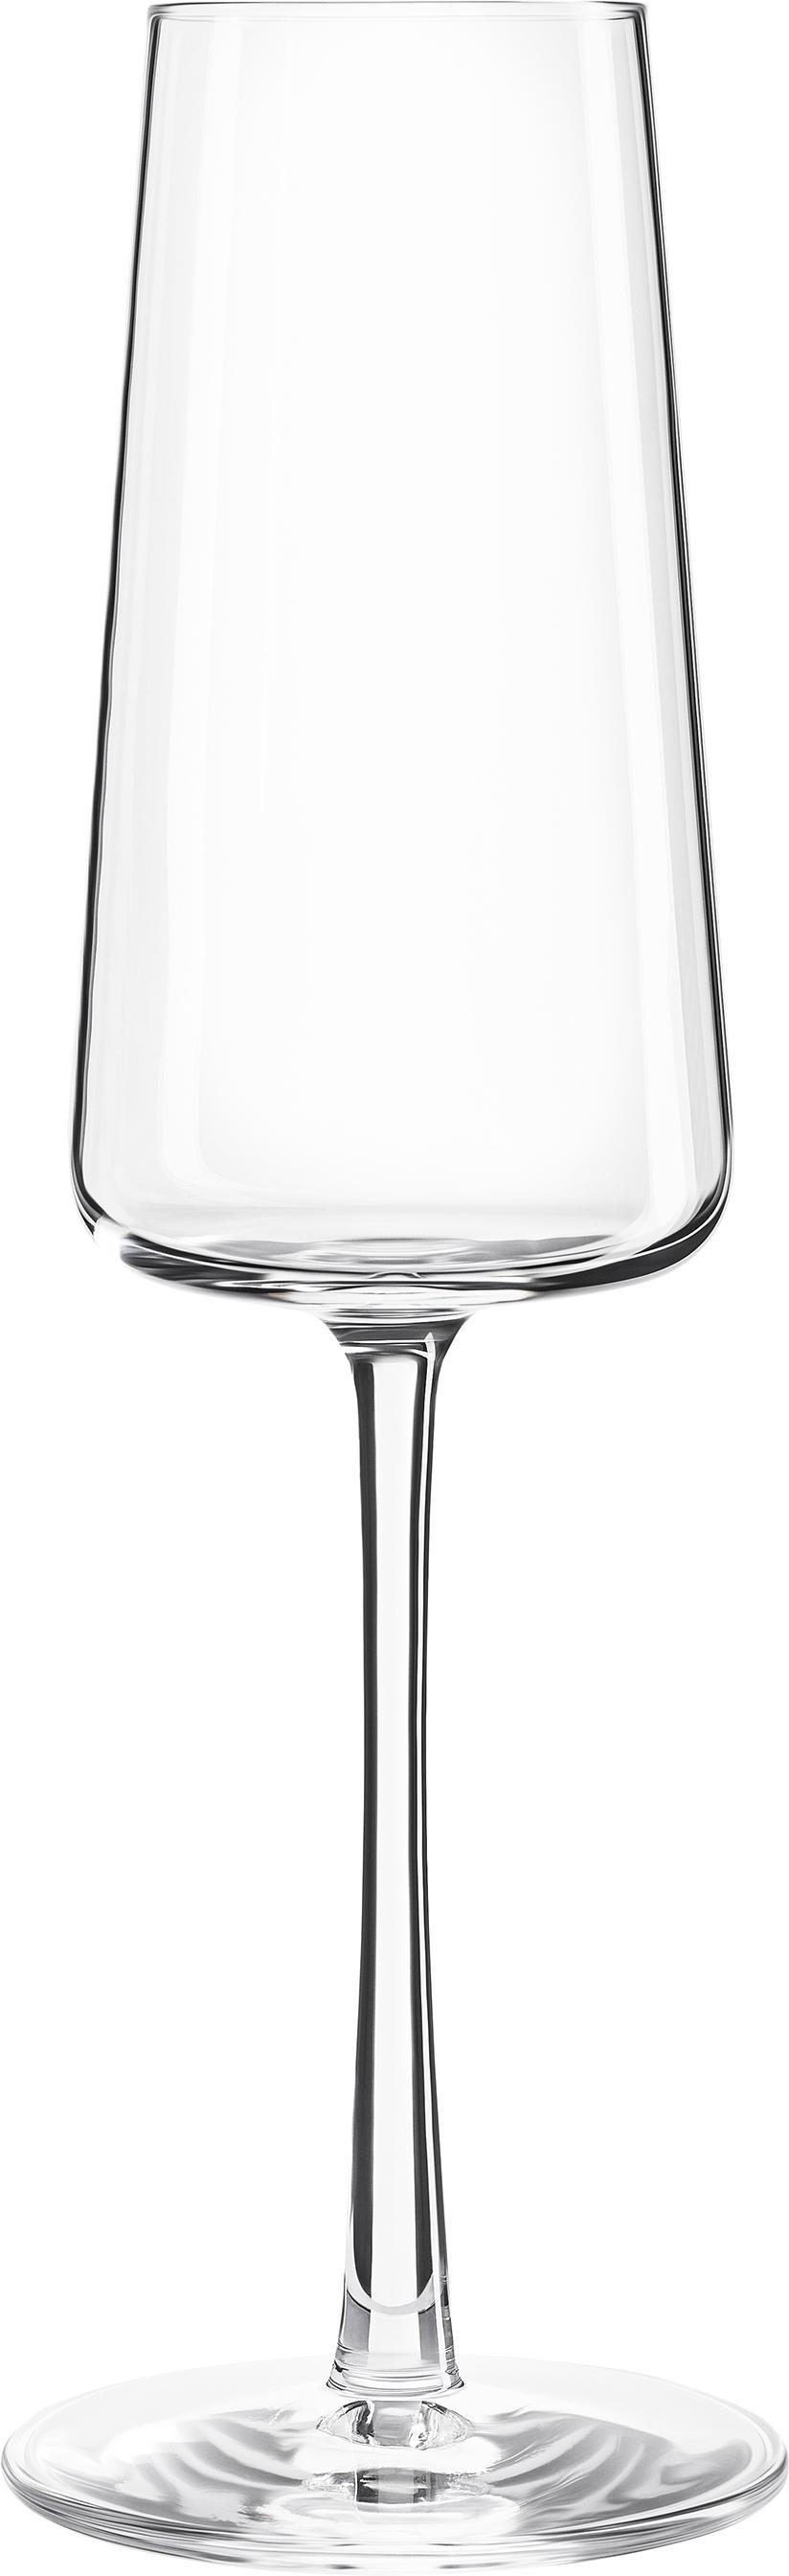 Copas flauta de champán de cristal Power, 6uds., Cristal, Transparente, Ø 7 x Al 23 cm